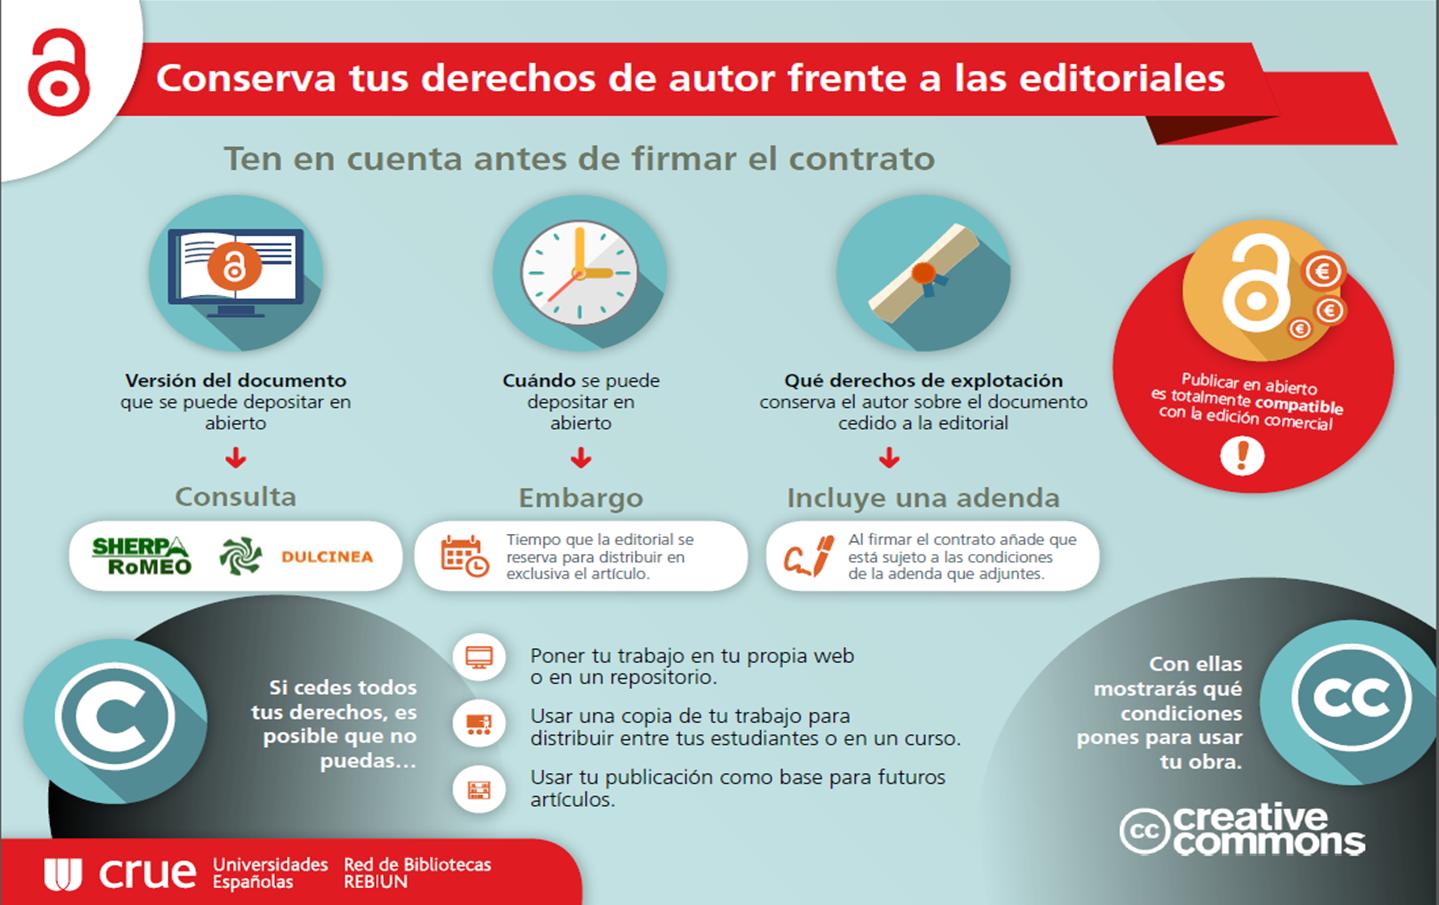 Infografía: conserva tus derechos de auotr frente a las editoriales